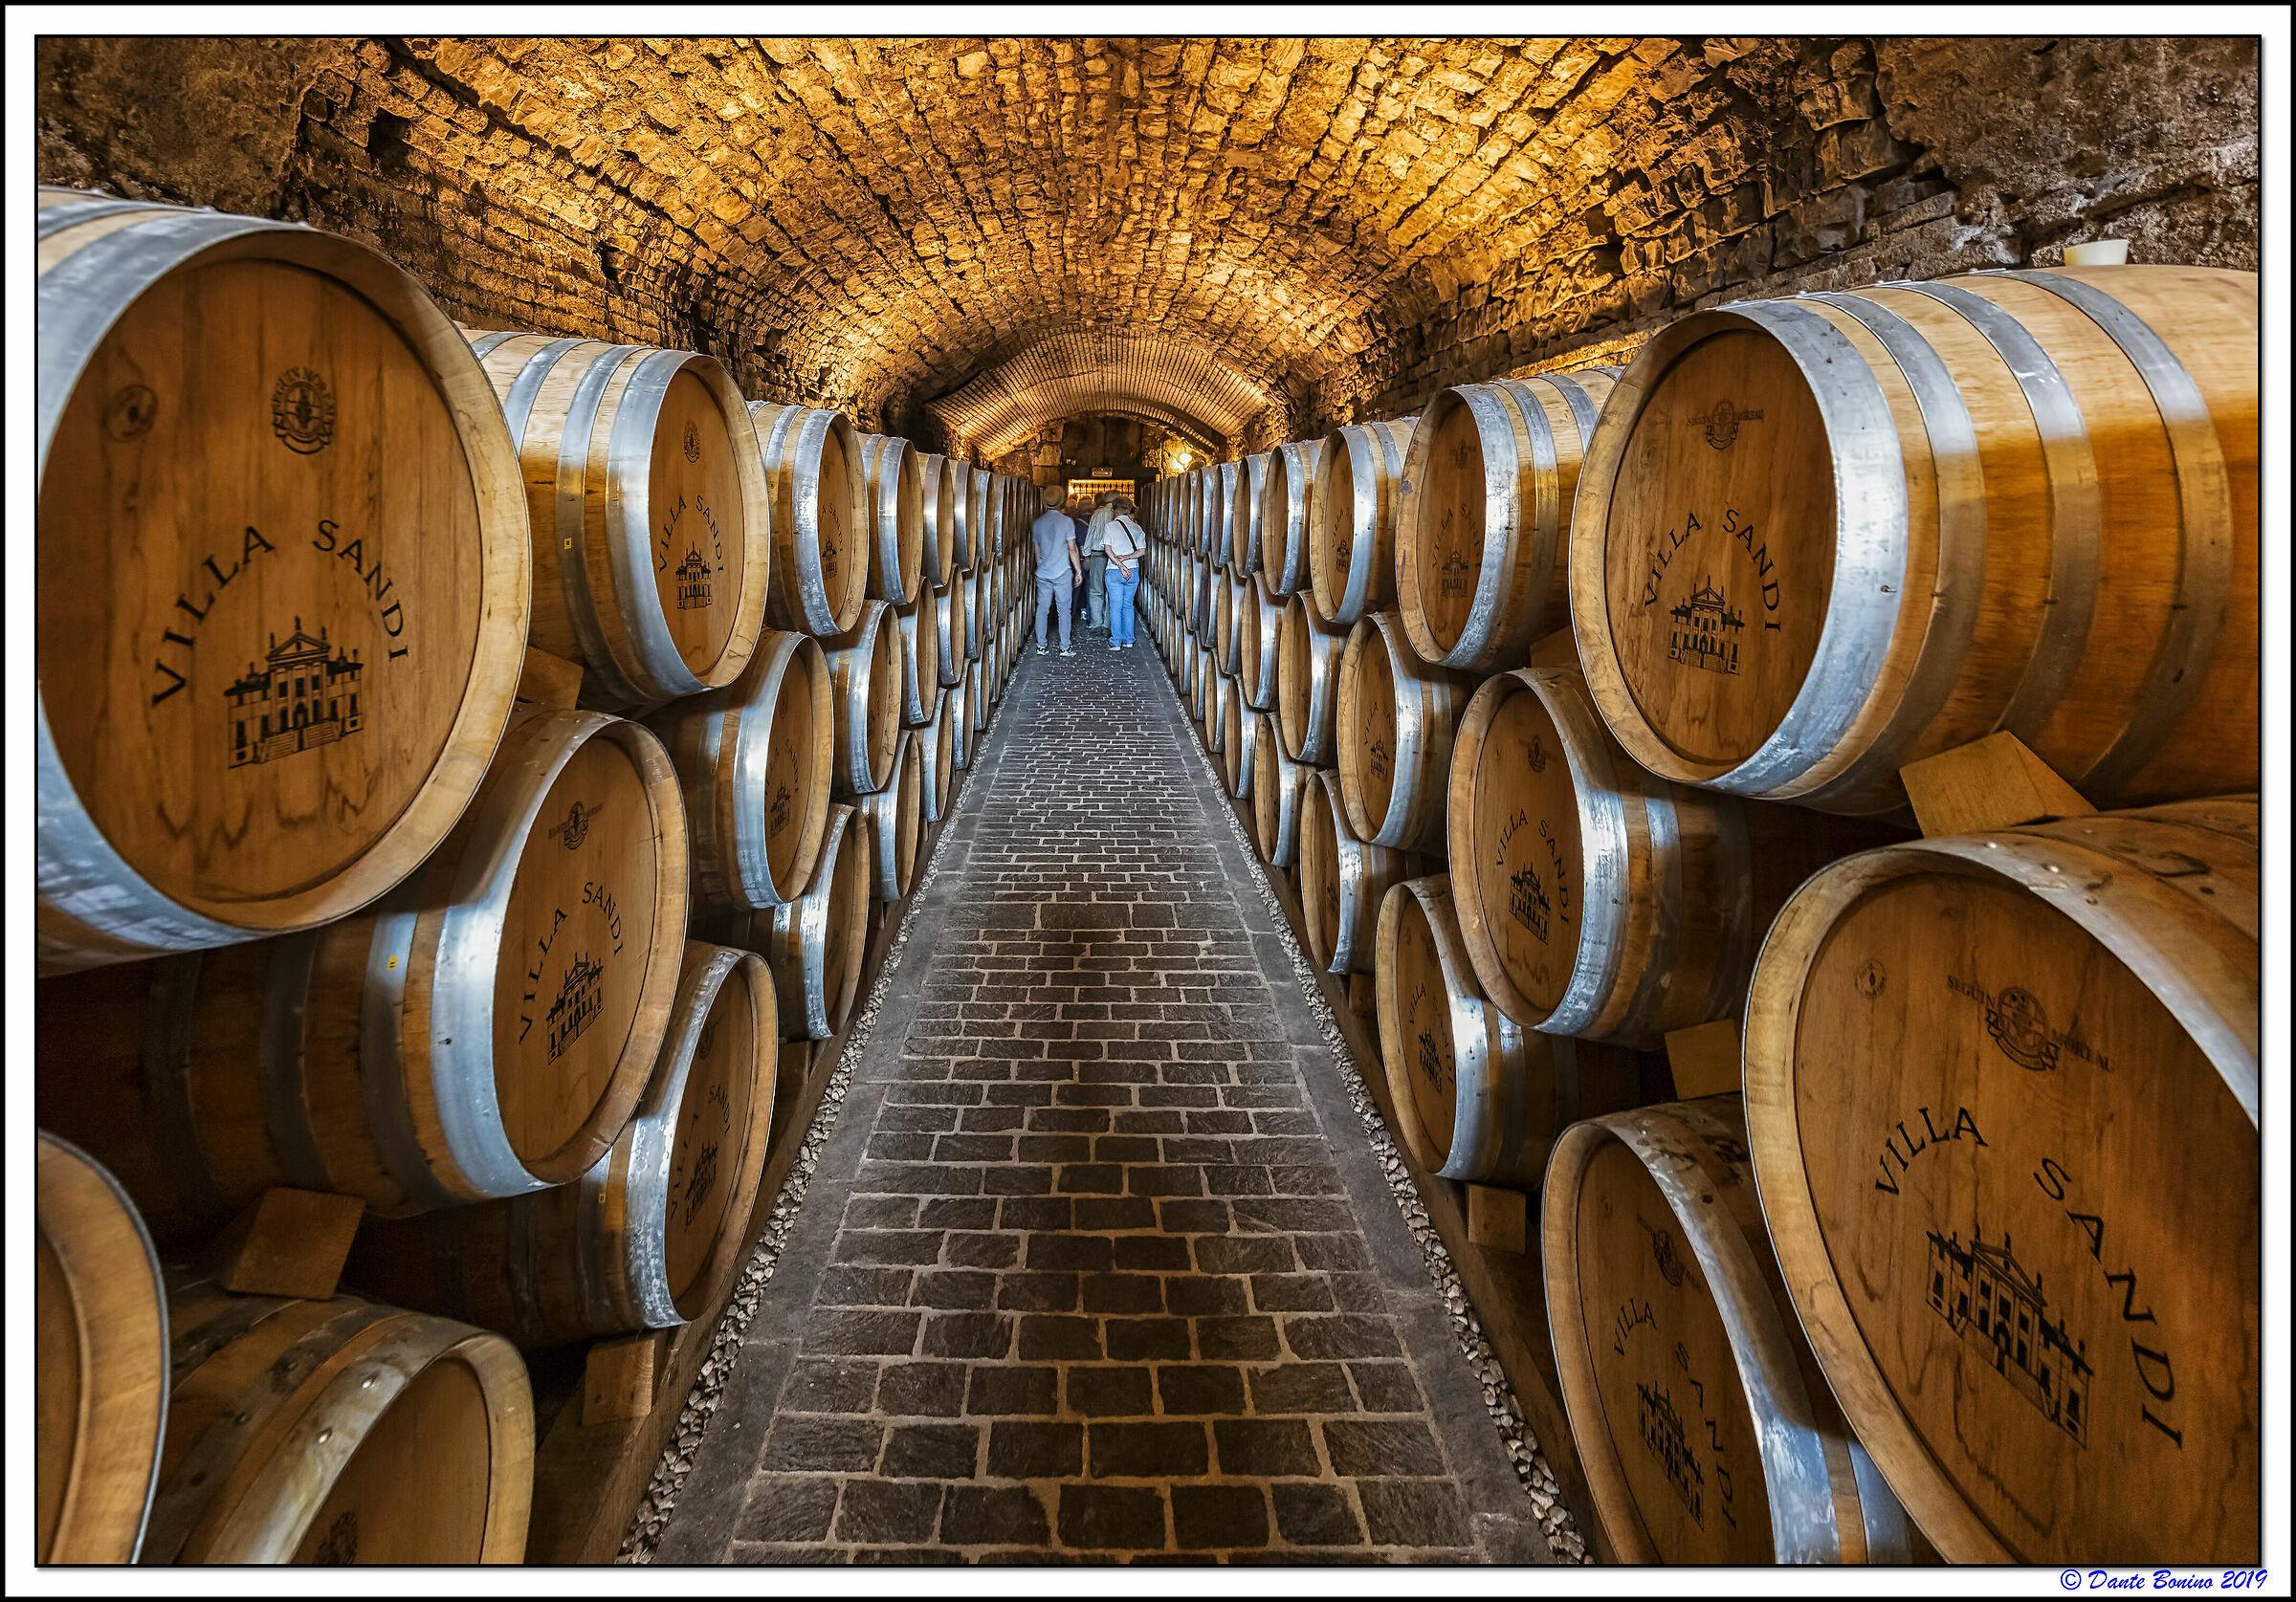 The cellars of Villa Sandi...